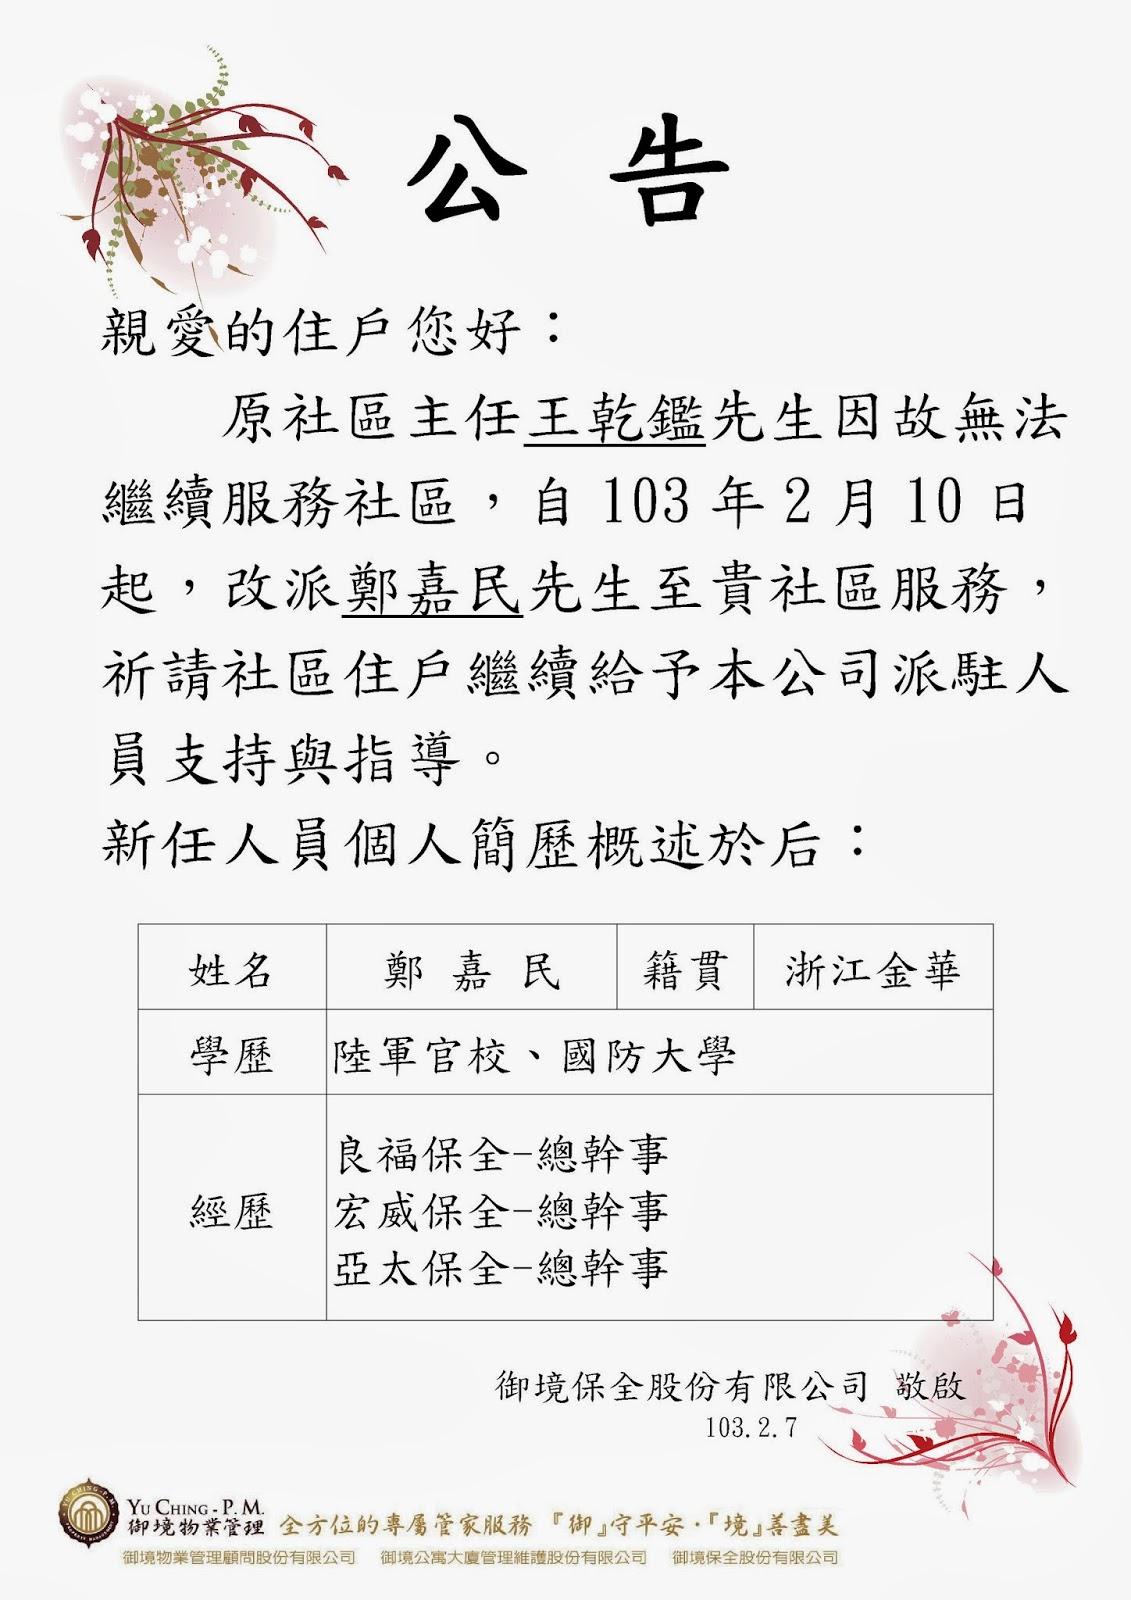 【異動·範本】異動通知範本 – TouPeenSeen部落格